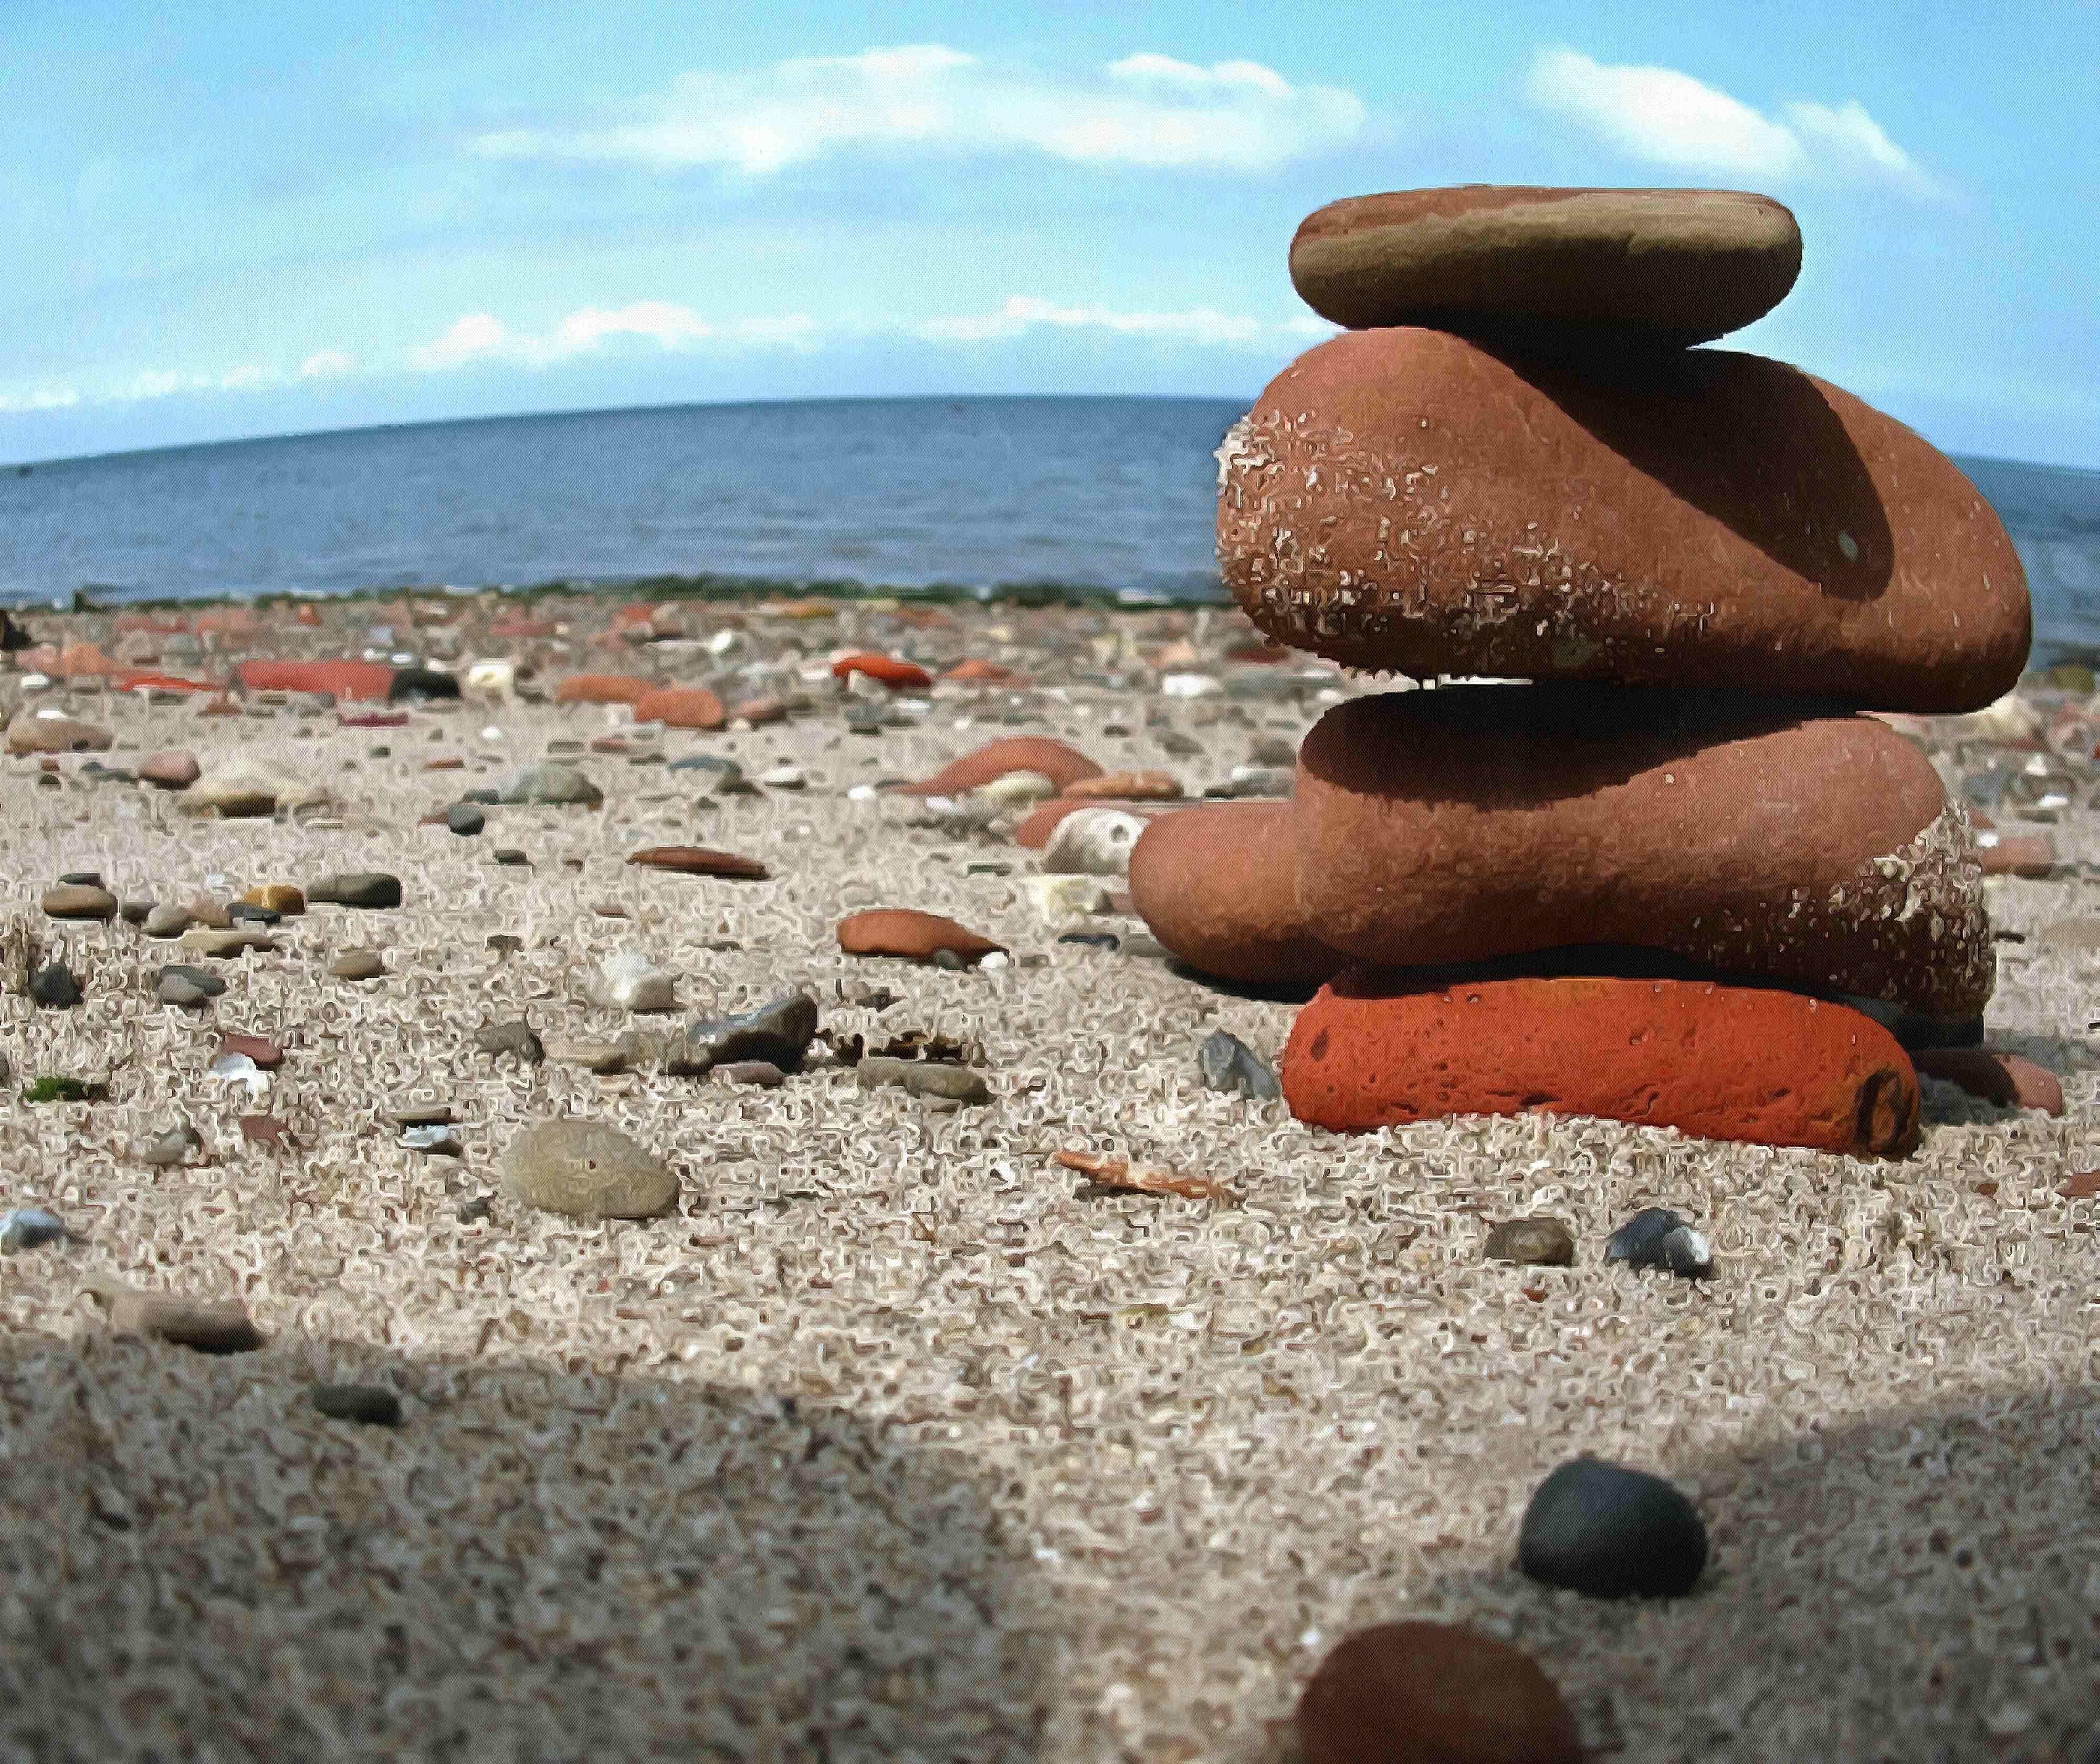 Пляжи Кречи Пляжи Керченского полуострова на Черном